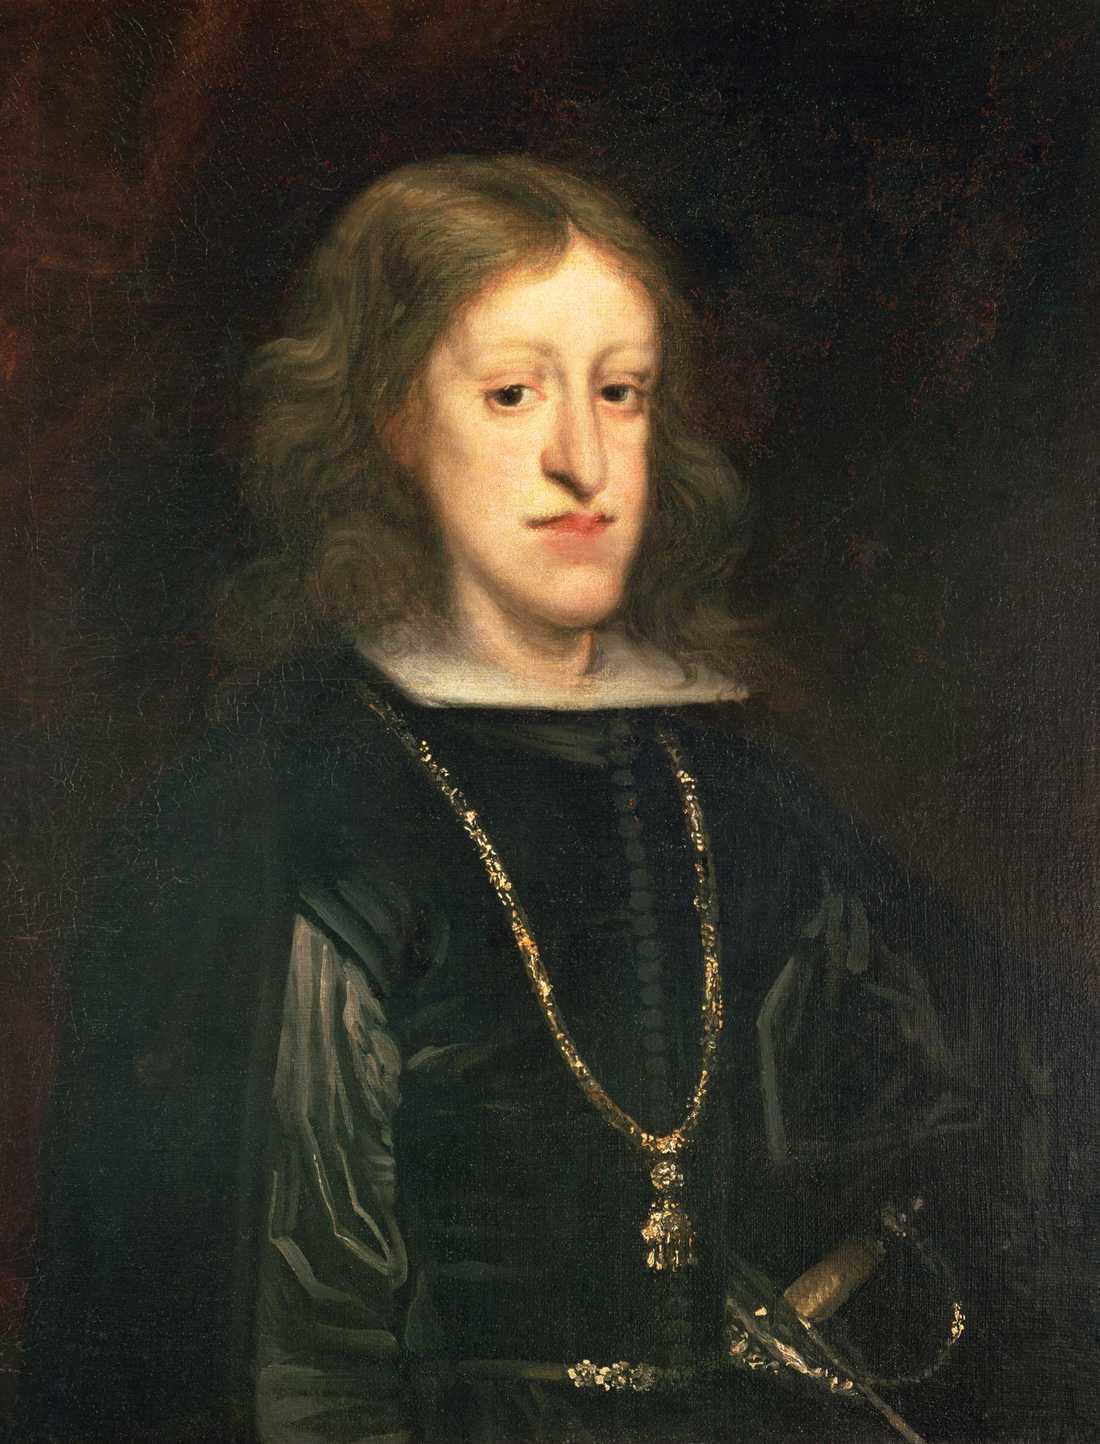 """Karl II av Habsburg hade den karaktäristiska """"habsburgska hakan"""". Han var sedan födseln mycket sjuklig och kunde inte få några barn, vilket gjorde att den spanska grenen av huset Habsburg dog ut med honom år 1700."""